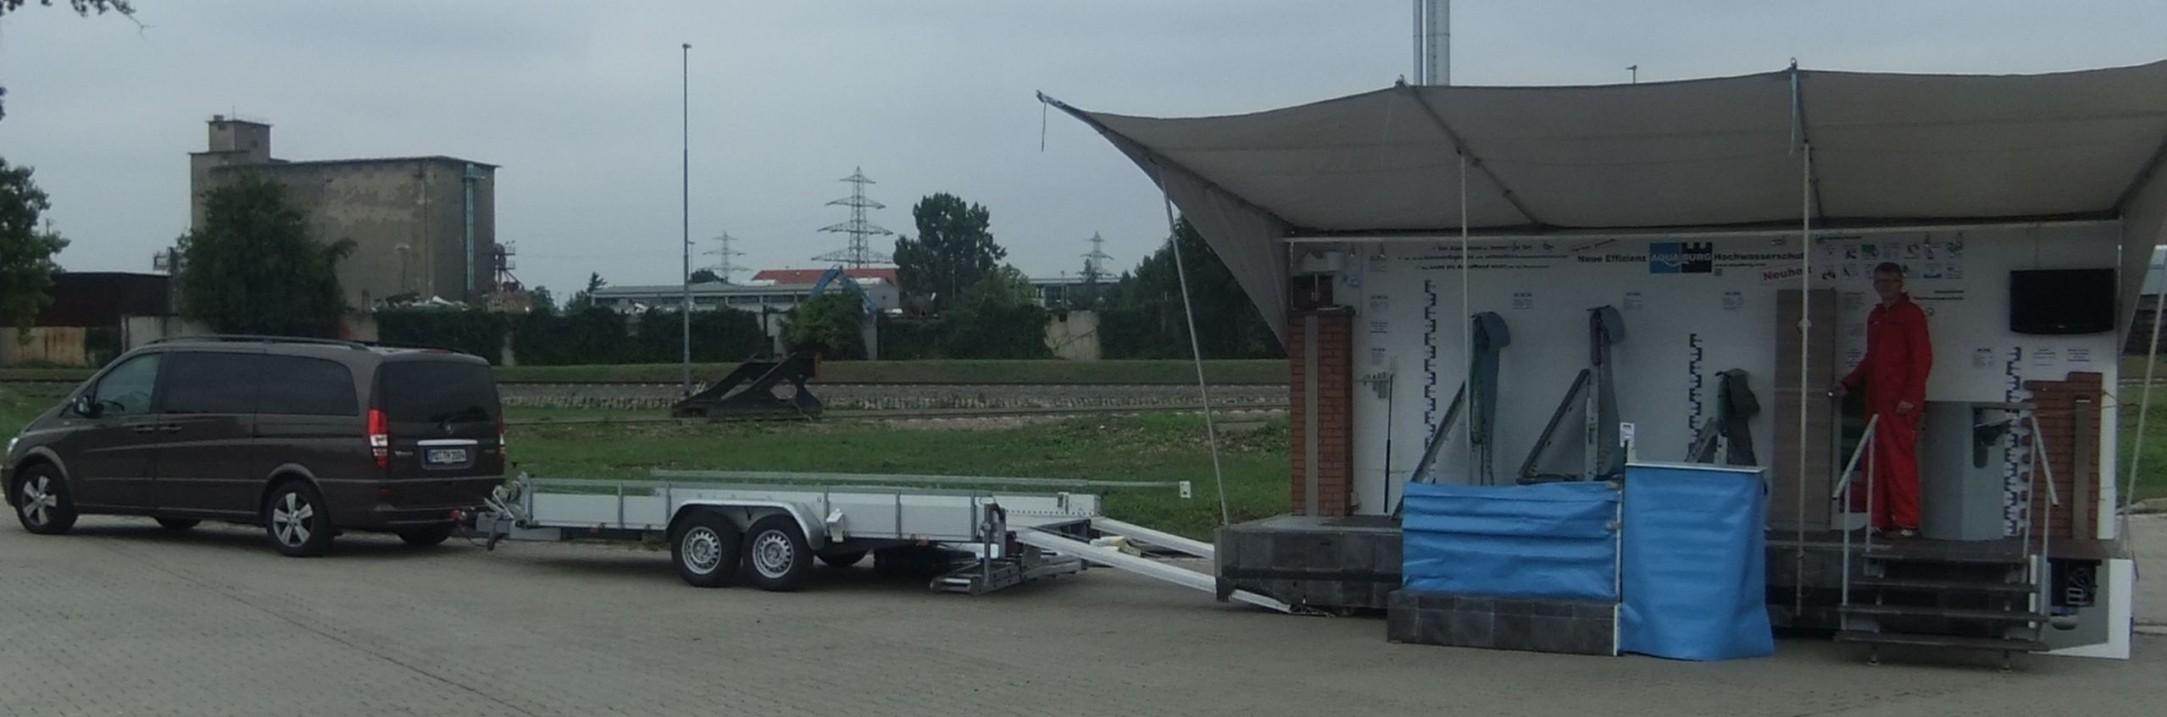 Der mobile Hochwasserschutz AquaWand und die Lagerboxen mit Aufbauwerkzeug auf dem Showmobil von AQUABURG